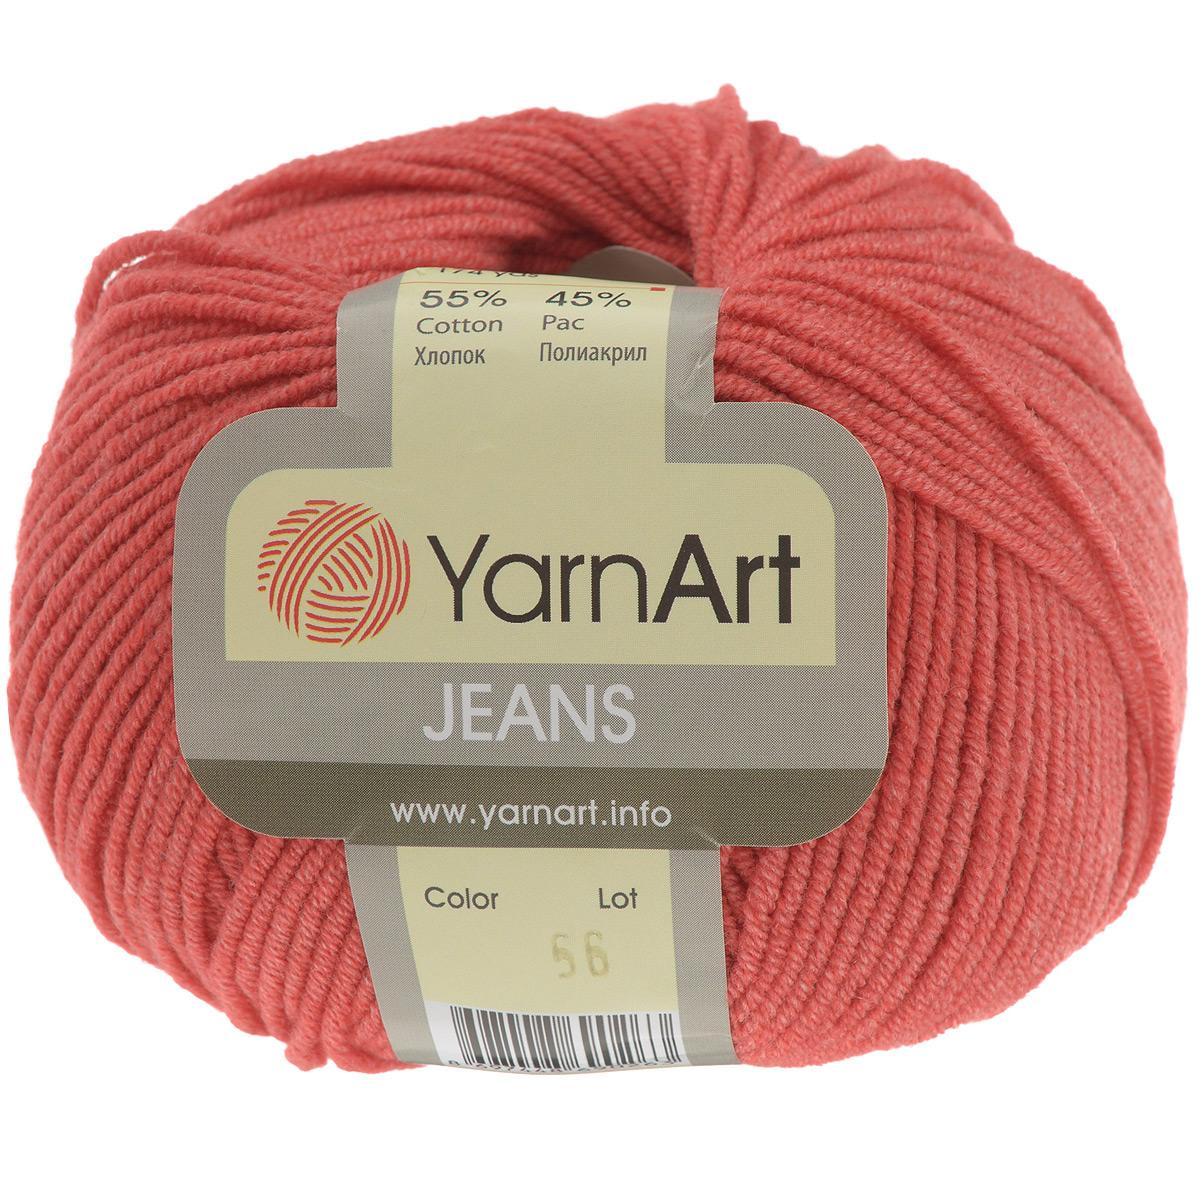 Пряжа для вязания YarnArt Jeans, цвет: красный (56), 160 м, 50 г, 10 шт372001_56Пряжа YarnArt Jeans изготовлена из высококачественного хлопка и полиакрила. Особенность технологии изготовления этой пряжи состоит в нежёстком кручении нити, в результате чего нить становится очень удобной для вязки, поскольку не распадается на отдельные волокна. Высокопрочная и долговечная пряжа мягкая на ощупь, а благодаря содержанию волокон акрила изделия из неё не сминаются. Даже после многократных стирок изделия отлично сохраняют внешний вид, что очень важно для вязаных изделий детского ассортимента. Цветовая гамма пряжи YarnArt Jeans очень богатая, вы можете пополнить свой гардероб изделиями из неё на любой сезон: джемпером, жакетом, свитером и другими полезными и оригинальными вещами, которые прослужат вам и вашим близким очень долго и не создадут трудностей в уходе за ними. Рекомендуется для вязания на крючках и спицах 3,5 мм. Состав: 55% хлопок, 45% полиакрил.